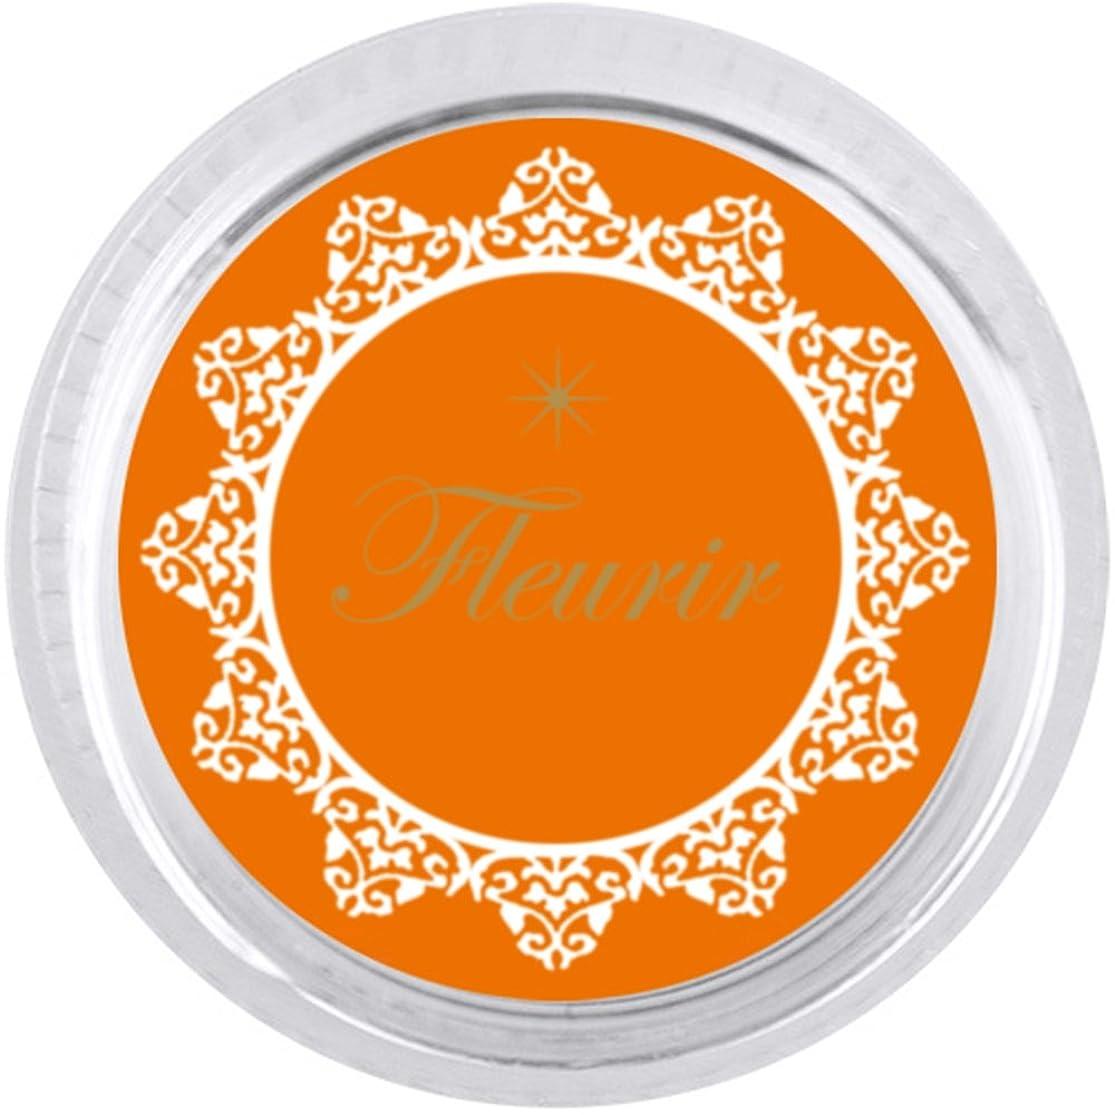 バッジ独特の壁紙カラーパウダー オレンジ